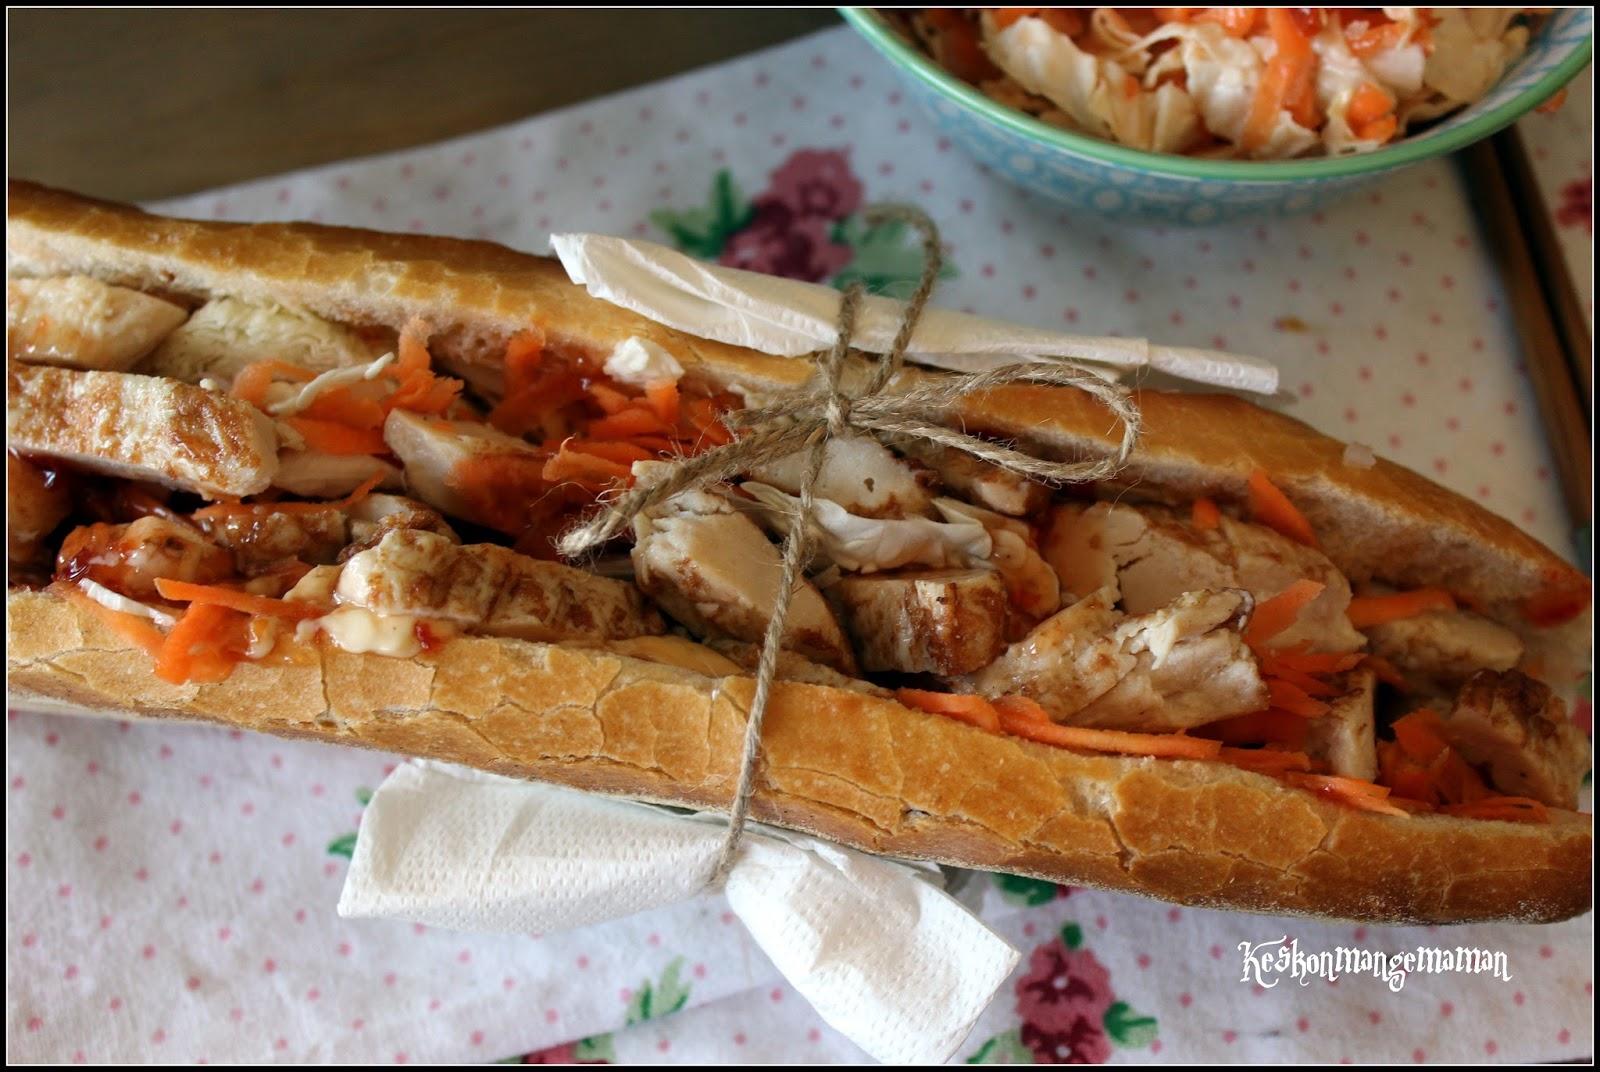 Keskonmangemaman b nh mi express ma fa on ou que faire avec un reste de poulet r ti - Que faire avec des reste de poulet ...